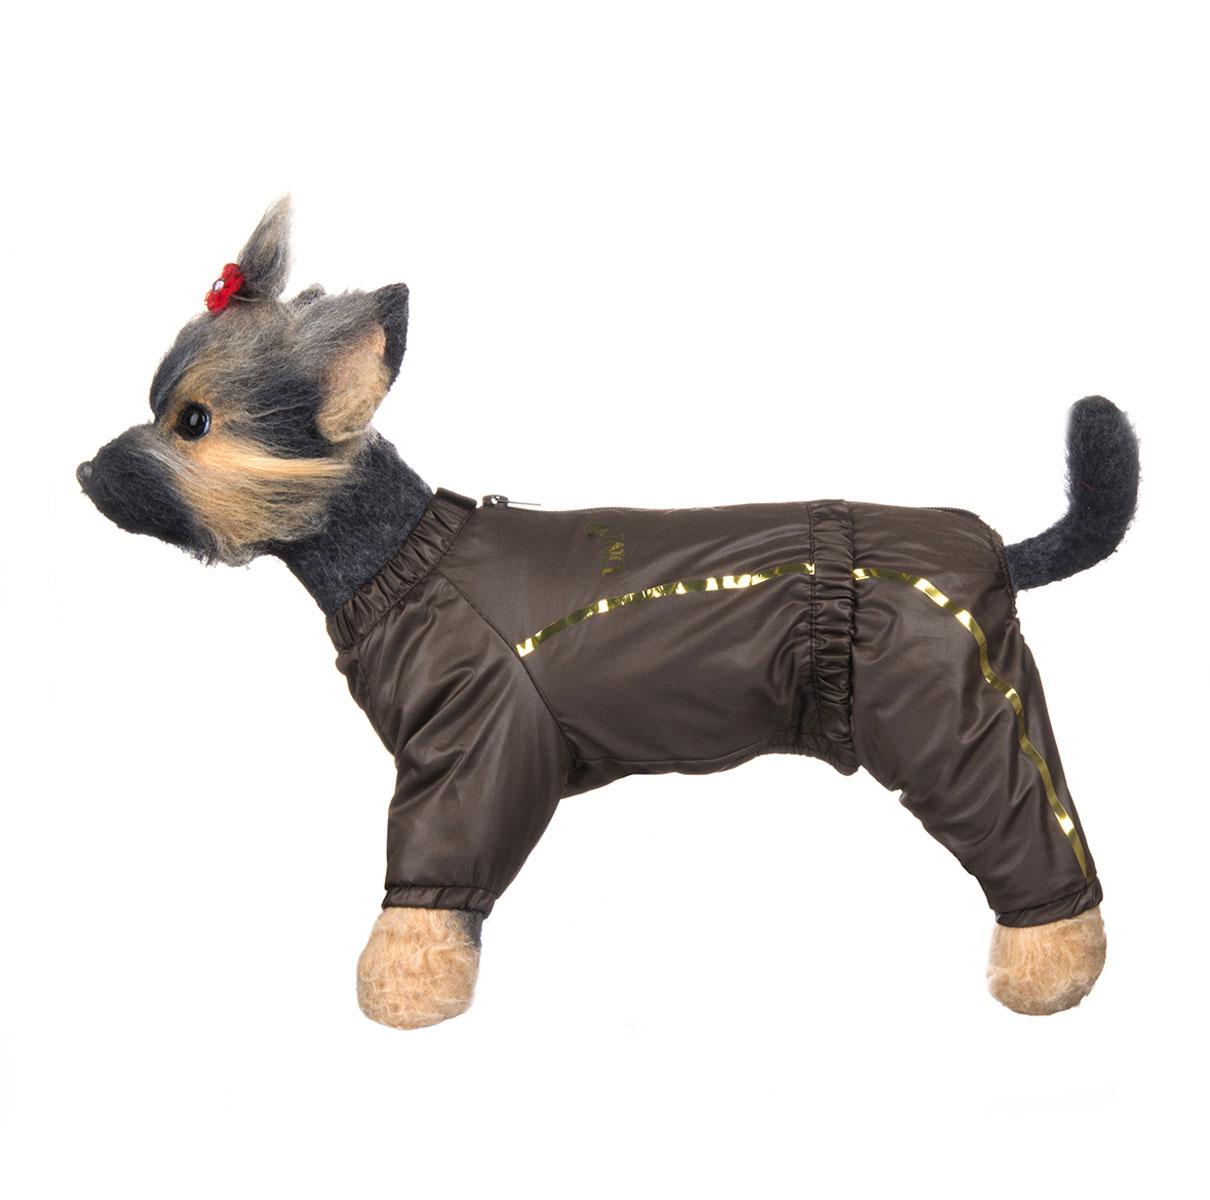 Комбинезон для собак Dogmoda Альпы, для мальчика, цвет: коричневый. Размер 2 (M)0120710Комбинезон для собак Dogmoda Альпы отлично подойдет для прогулок поздней осенью или ранней весной.Комбинезон изготовлен из полиэстера, защищающего от ветра и осадков, с подкладкой из флиса, которая сохранит тепло и обеспечит отличный воздухообмен. Комбинезон застегивается на молнию и липучку, благодаря чему его легко надевать и снимать. Ворот, низ рукавов и брючин оснащены внутренними резинками, которые мягко обхватывают шею и лапки, не позволяя просачиваться холодному воздуху. На пояснице имеется внутренняя резинка. Изделие декорировано золотистыми полосками и надписью DM.Благодаря такому комбинезону простуда не грозит вашему питомцу и он не даст любимцу продрогнуть на прогулке.